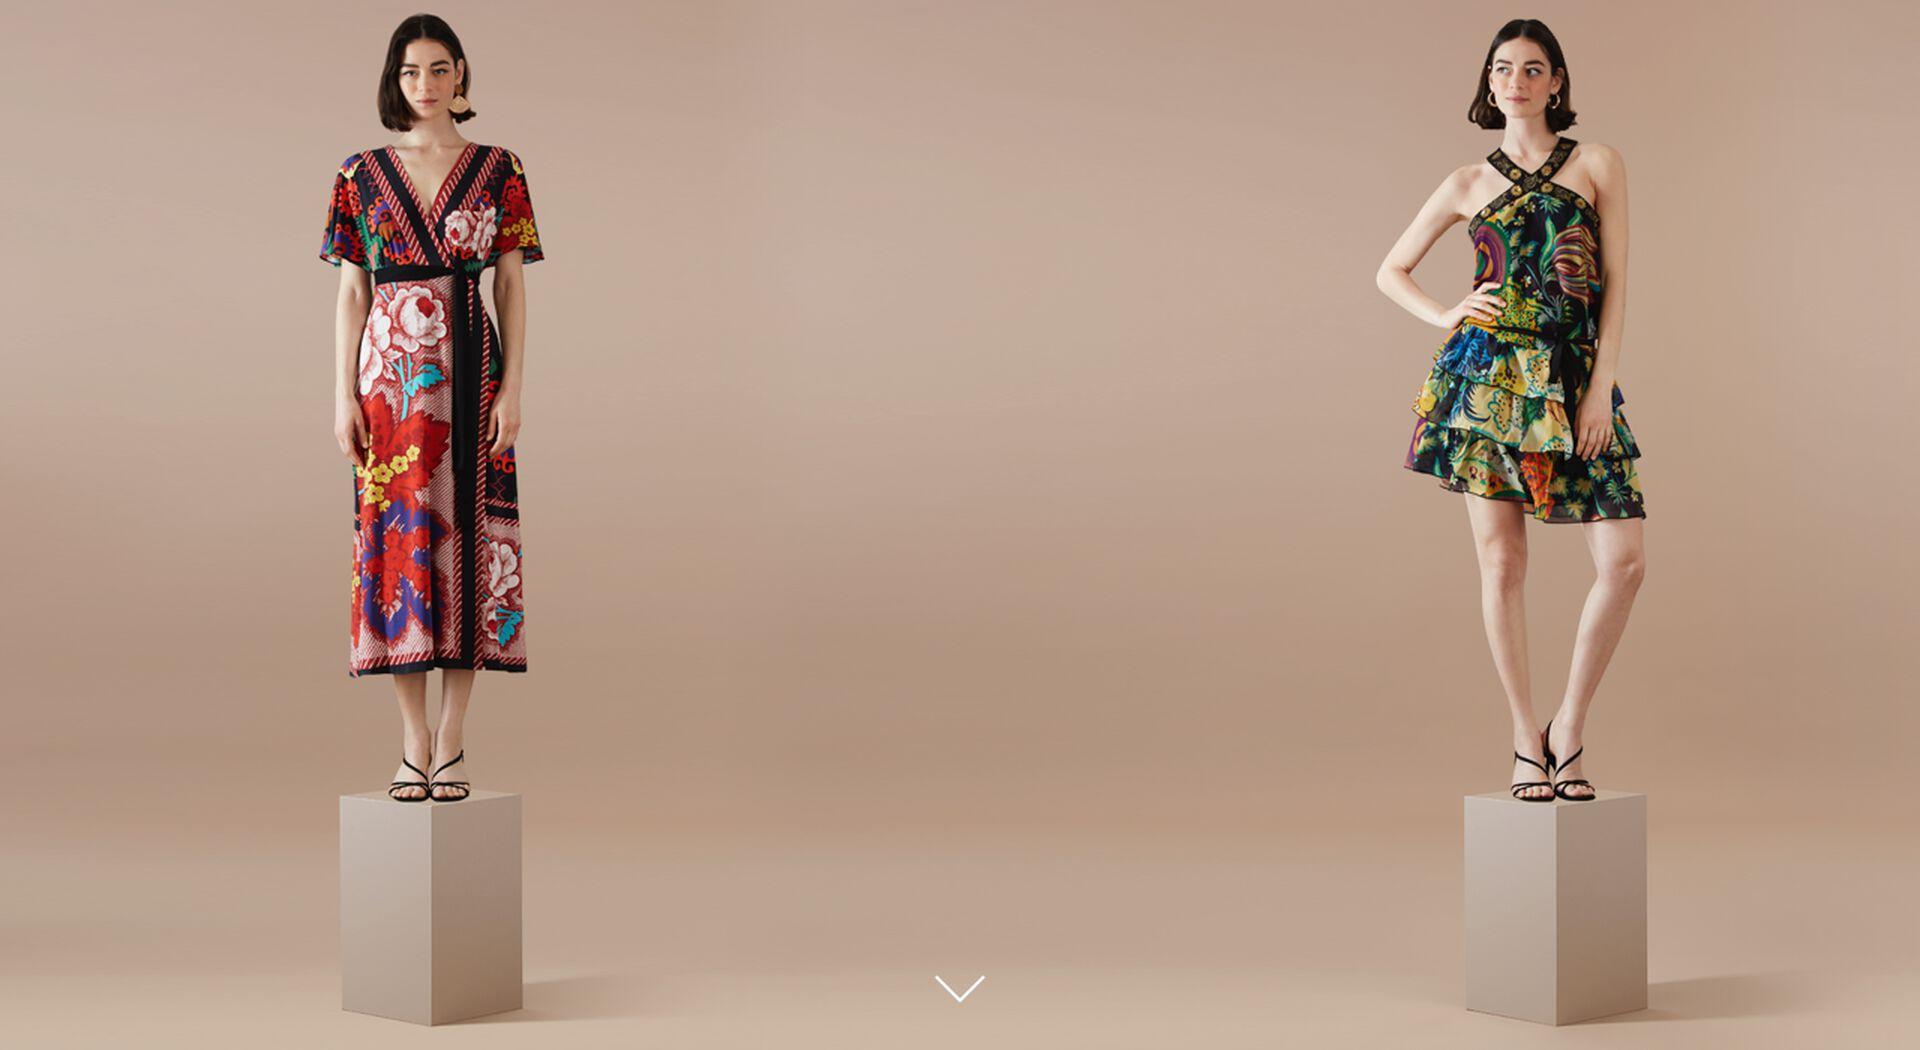 863ae59608166e Freue dich mit uns auf die spezielle Neuausgabe der 10 berühmtesten Kleider,  die der Designer Monsieur Christian Lacroix von 2011 bis heute für Desigual  ...